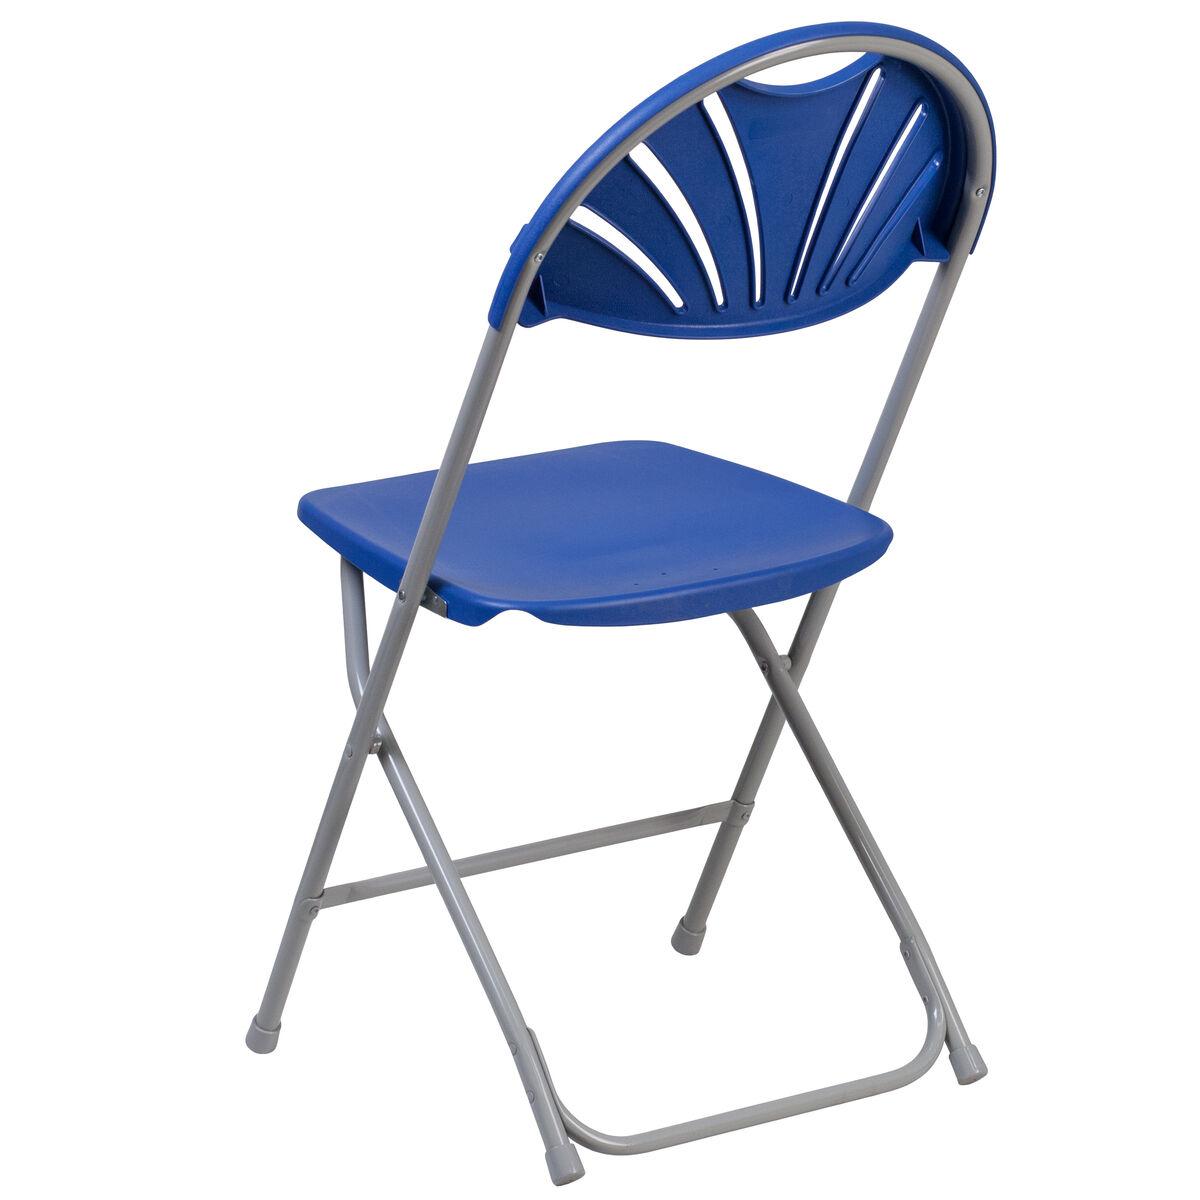 Blue Plastic Folding Chair Le L 4 Bl Gg